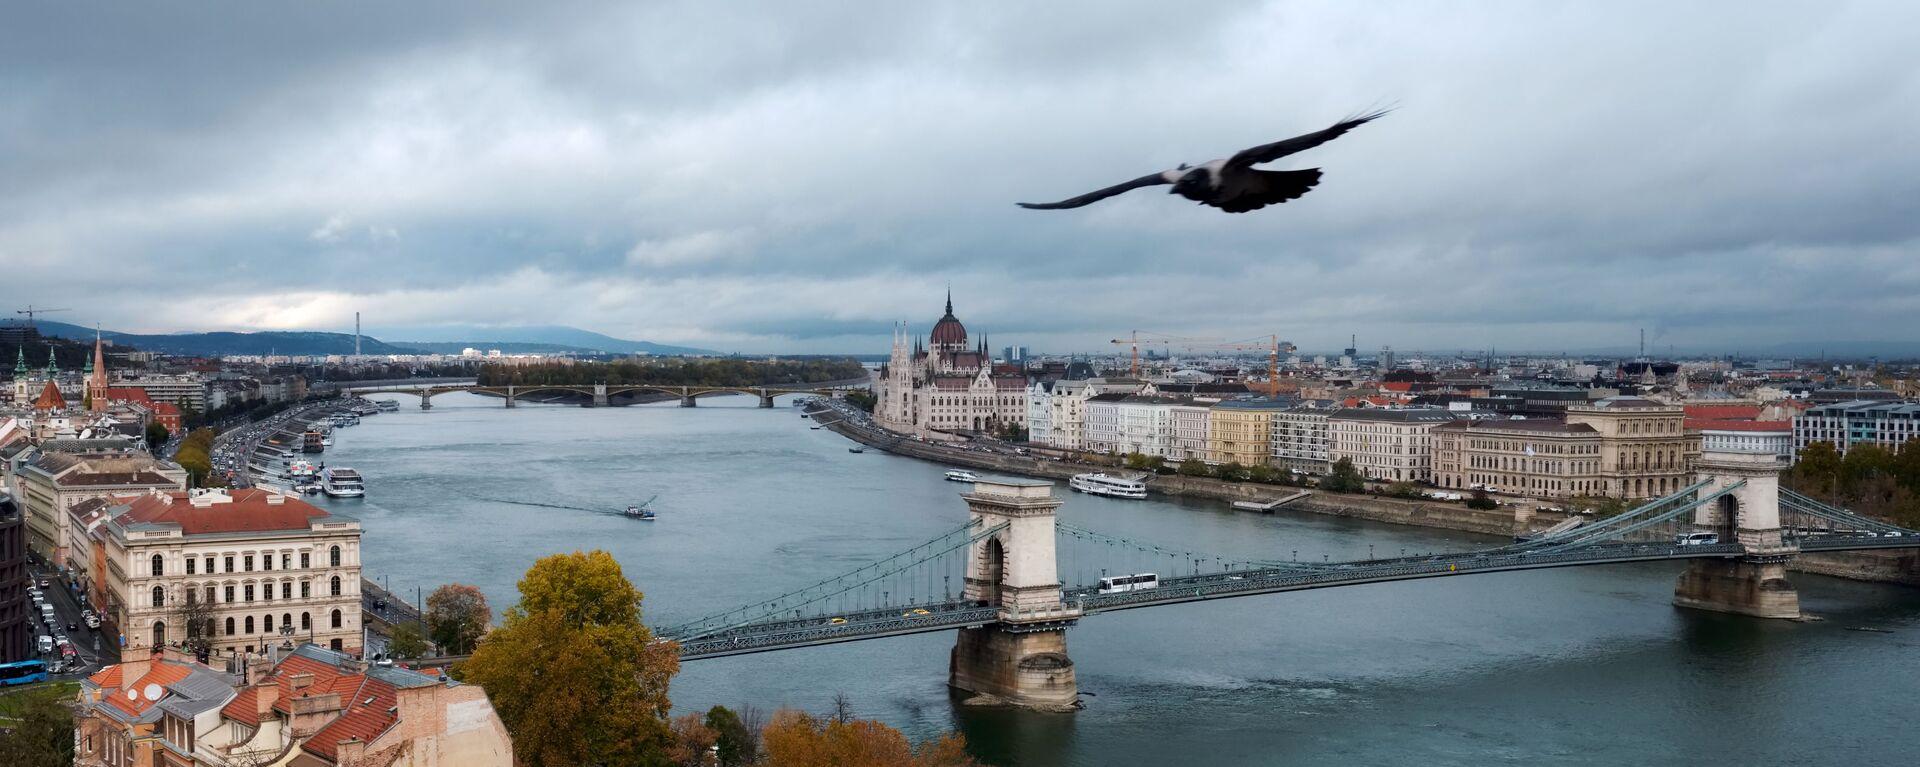 Rzeka Dunaj w Budapeszcie - Sputnik Polska, 1920, 30.09.2021